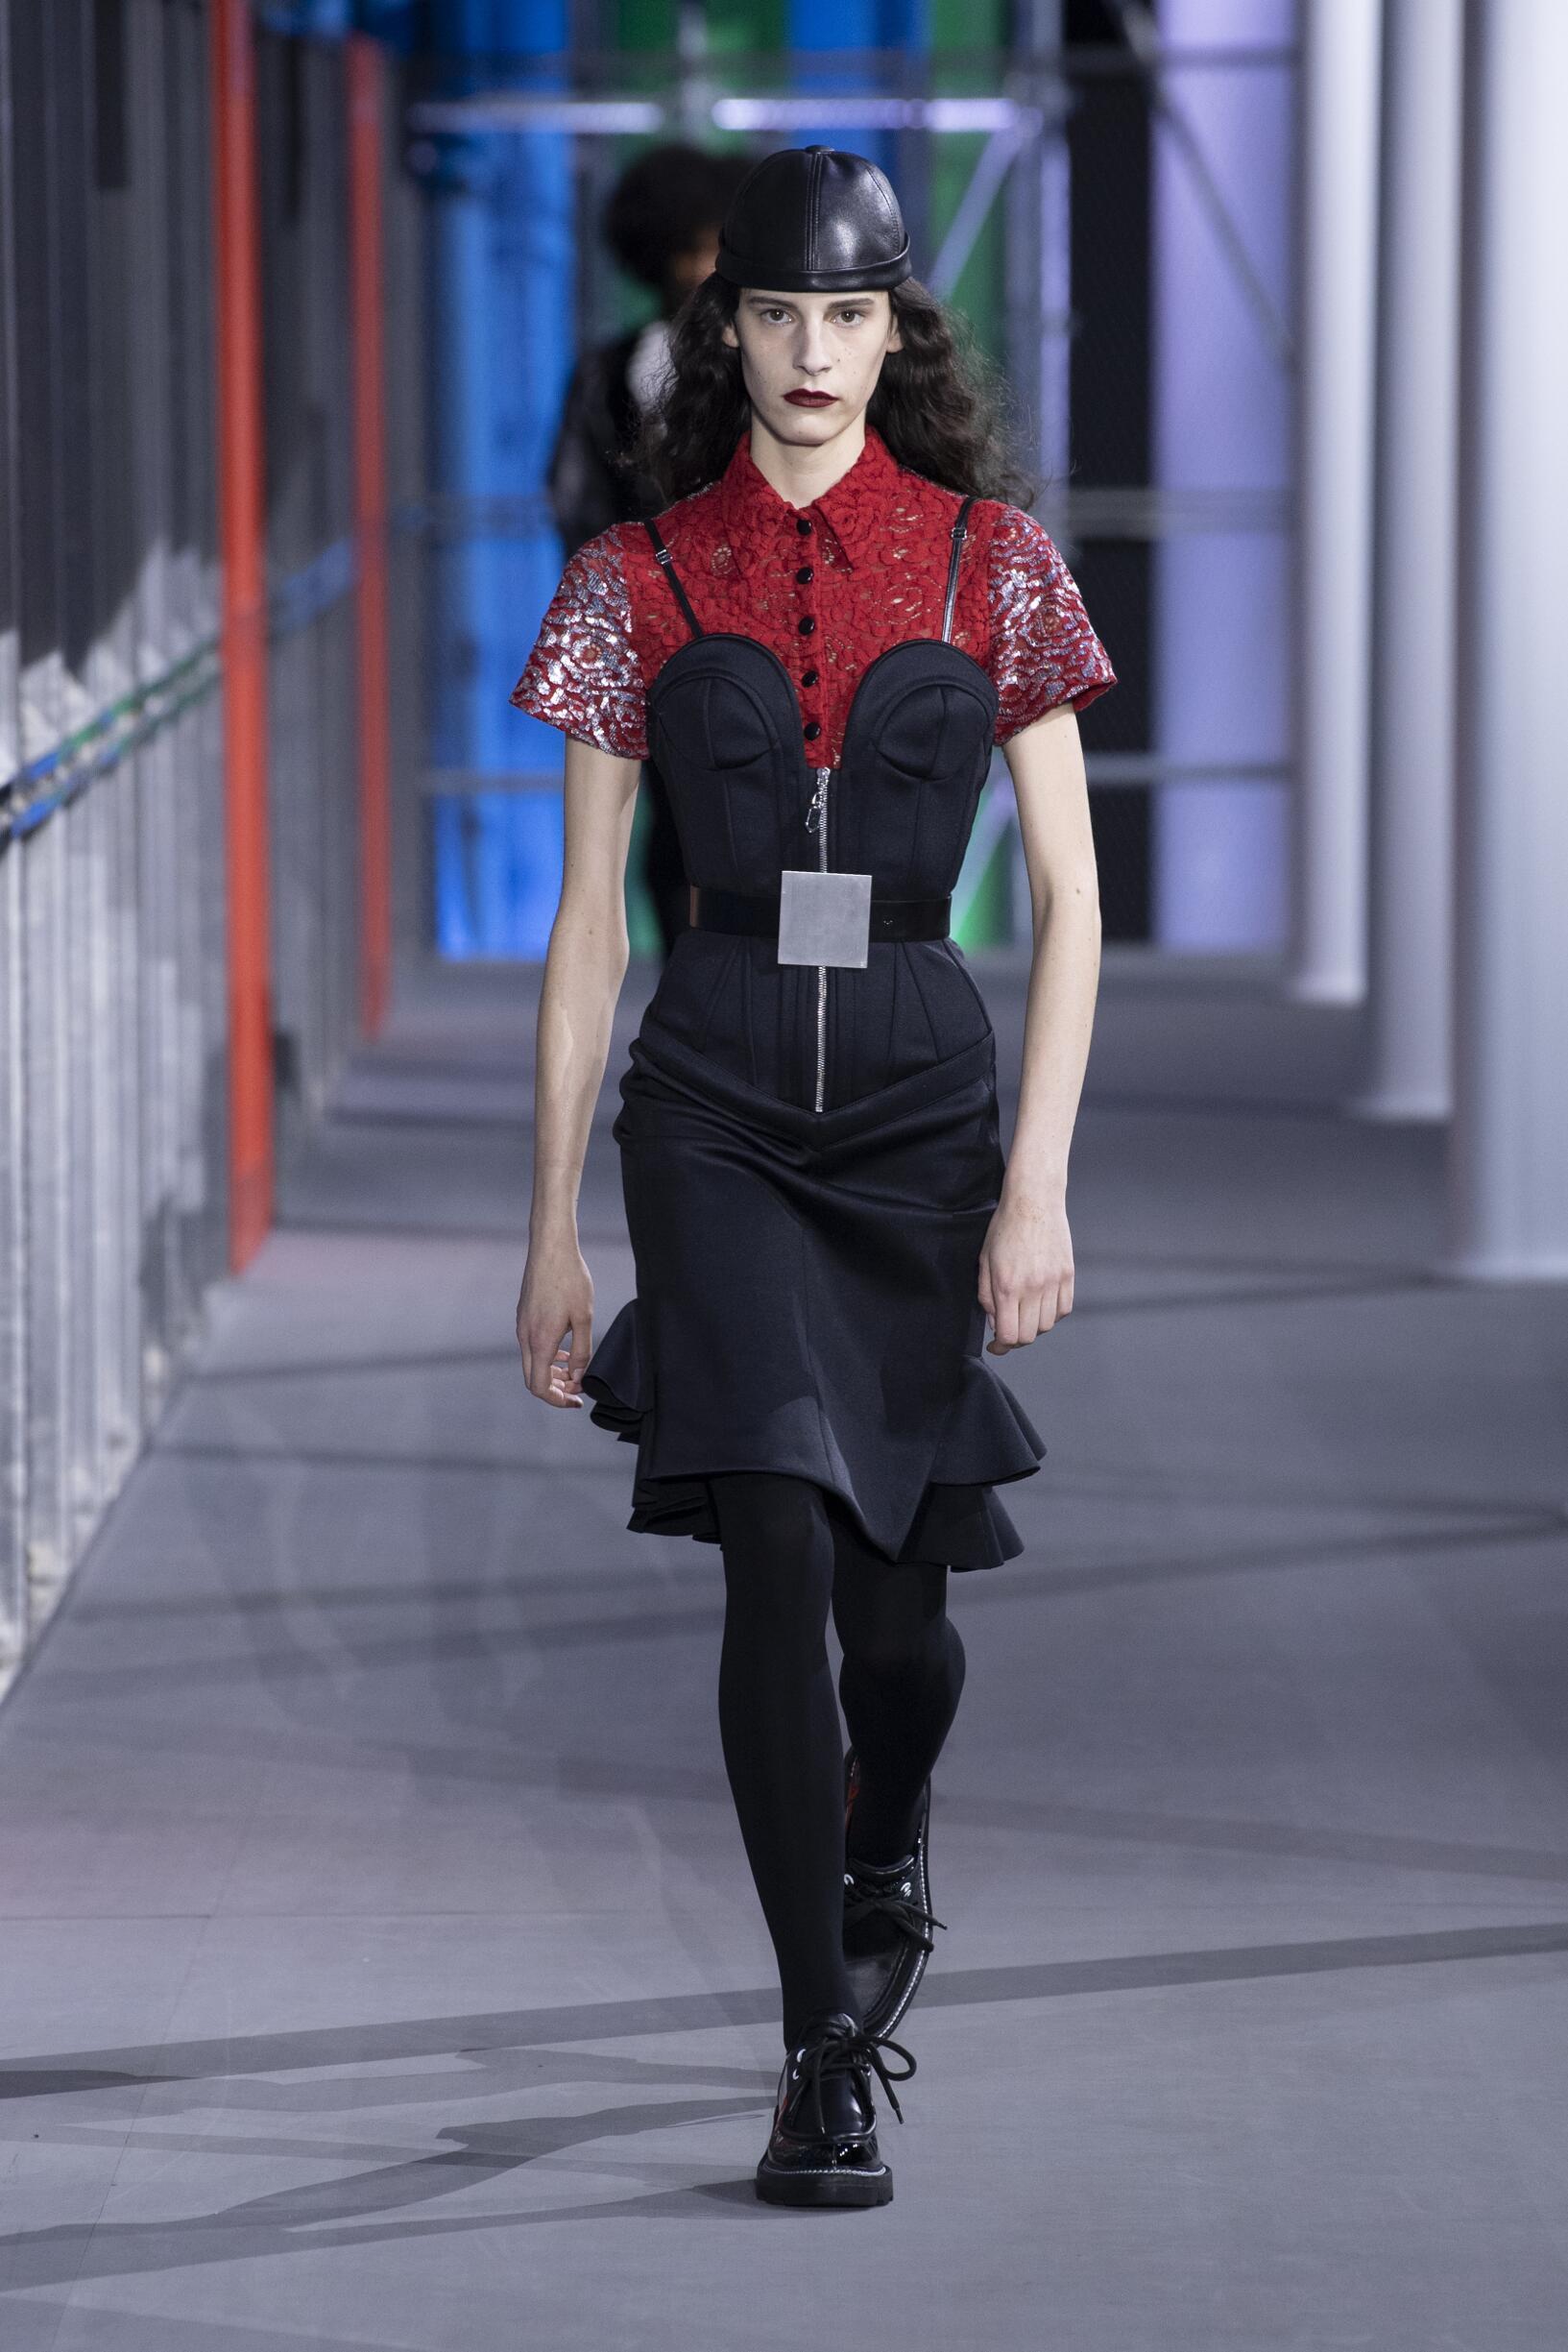 Womenswear Fall Winter Louis Vuitton 2019 Trends